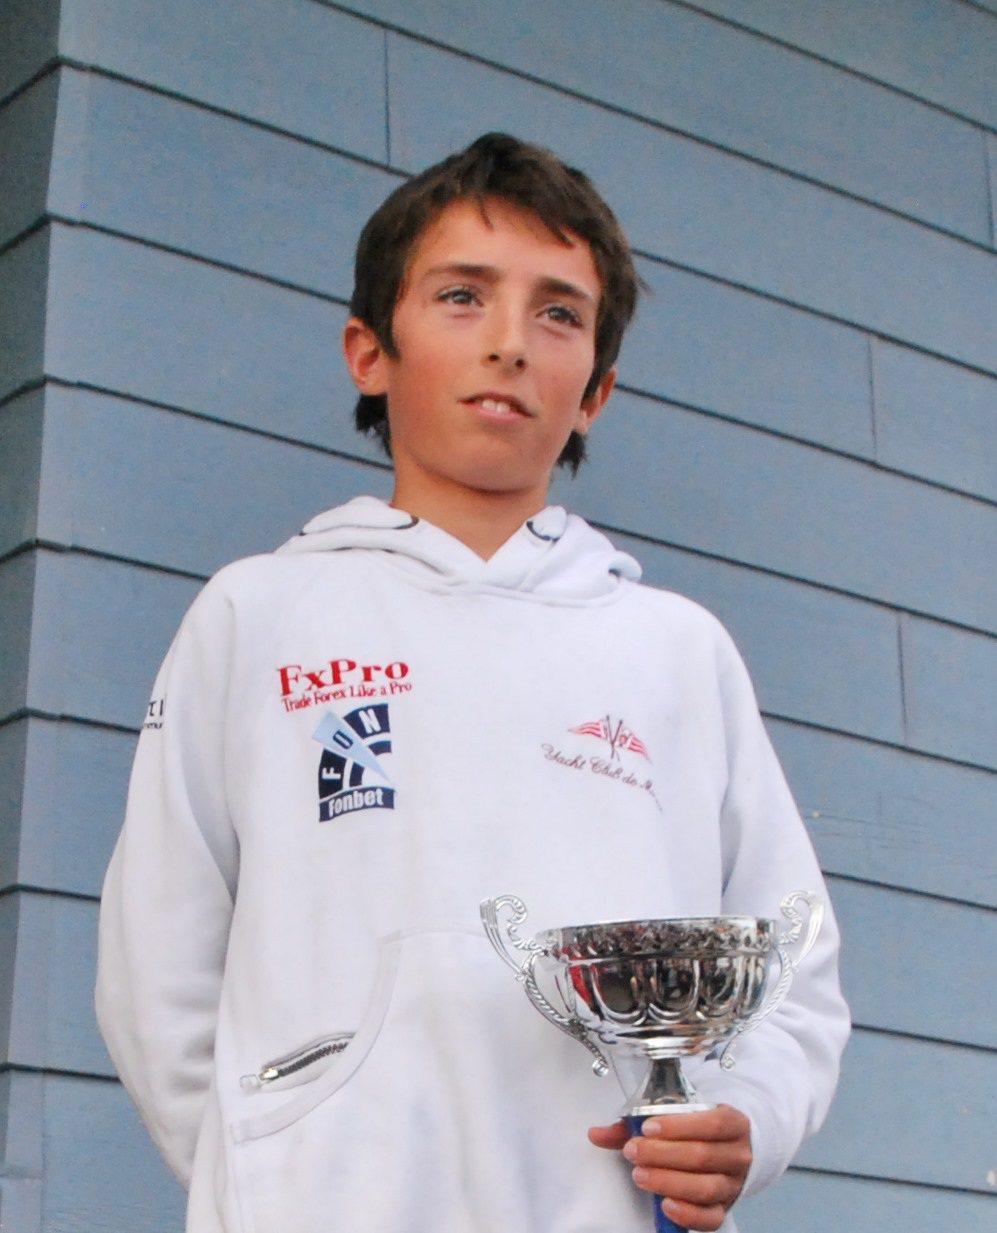 Simon Jeanselme vainqueur chez les minimes.